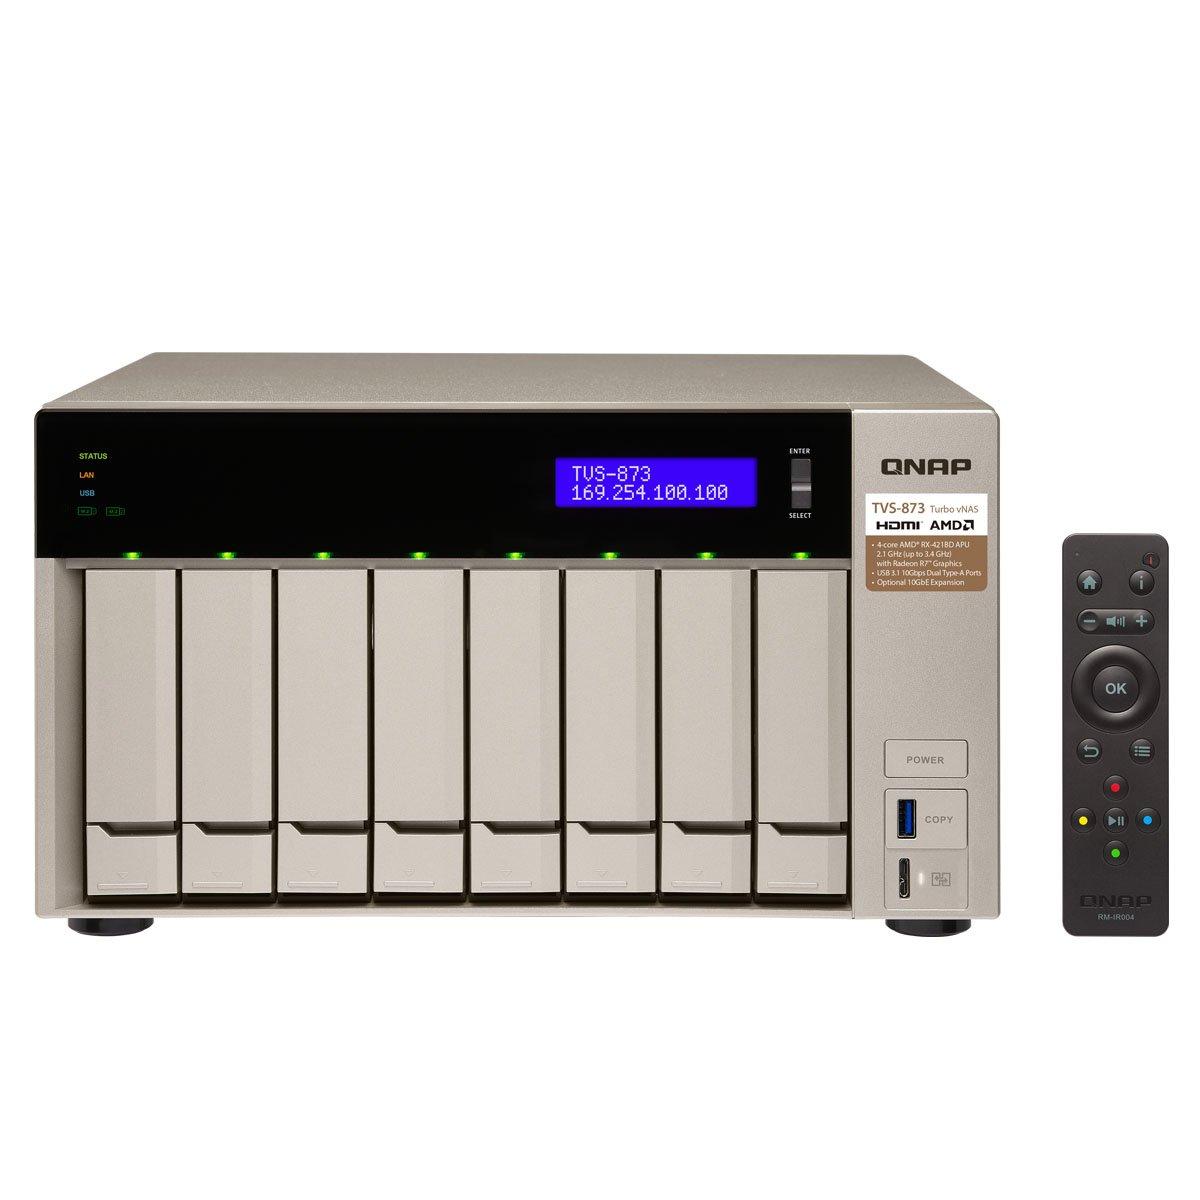 QNAP TVS-873 NAS Torre Ethernet Oro - Unidad Raid (Unidad de Disco Duro, SSD, M.2, Serial ATA III, 2.5/3.5